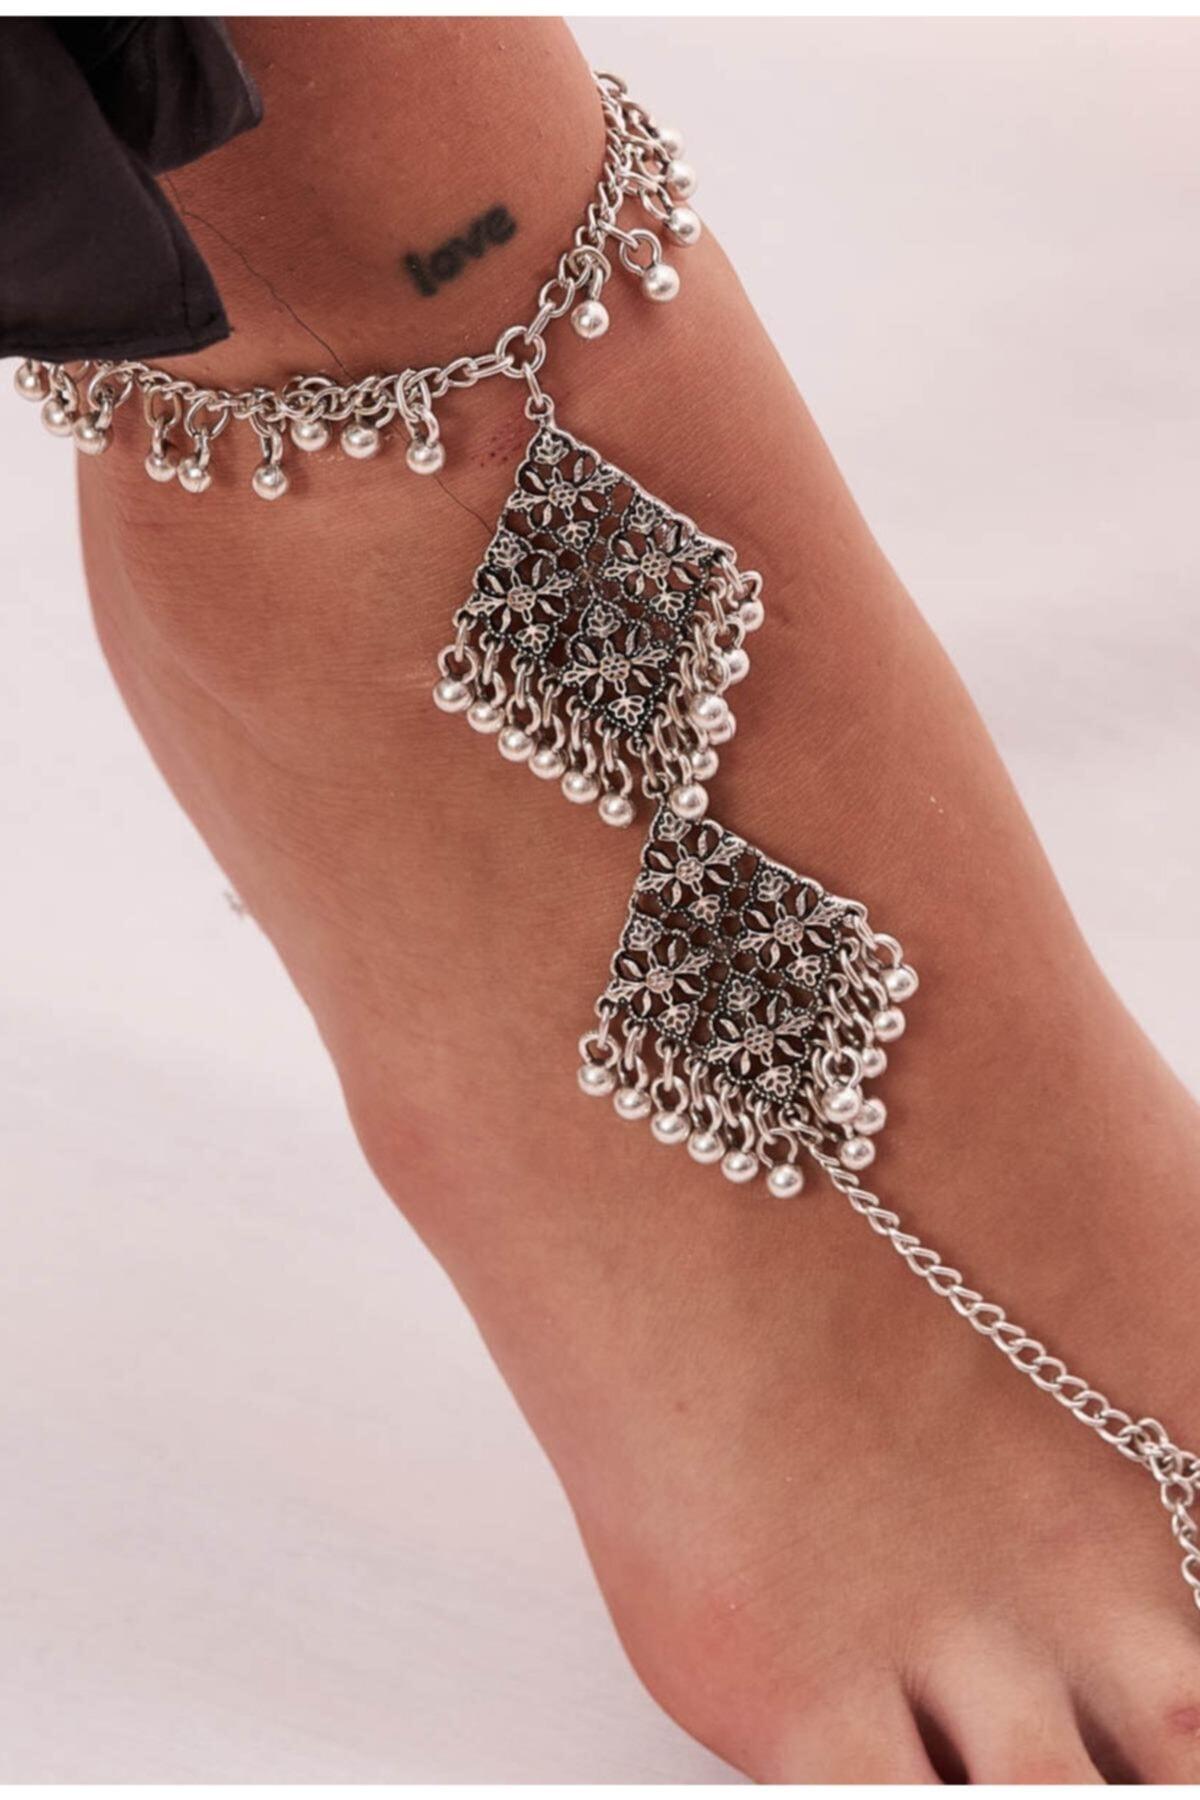 خرید دستبند انگشتی زنانه شیک برند ZeyDor Accessories رنگ نقره ای کد ty105212780